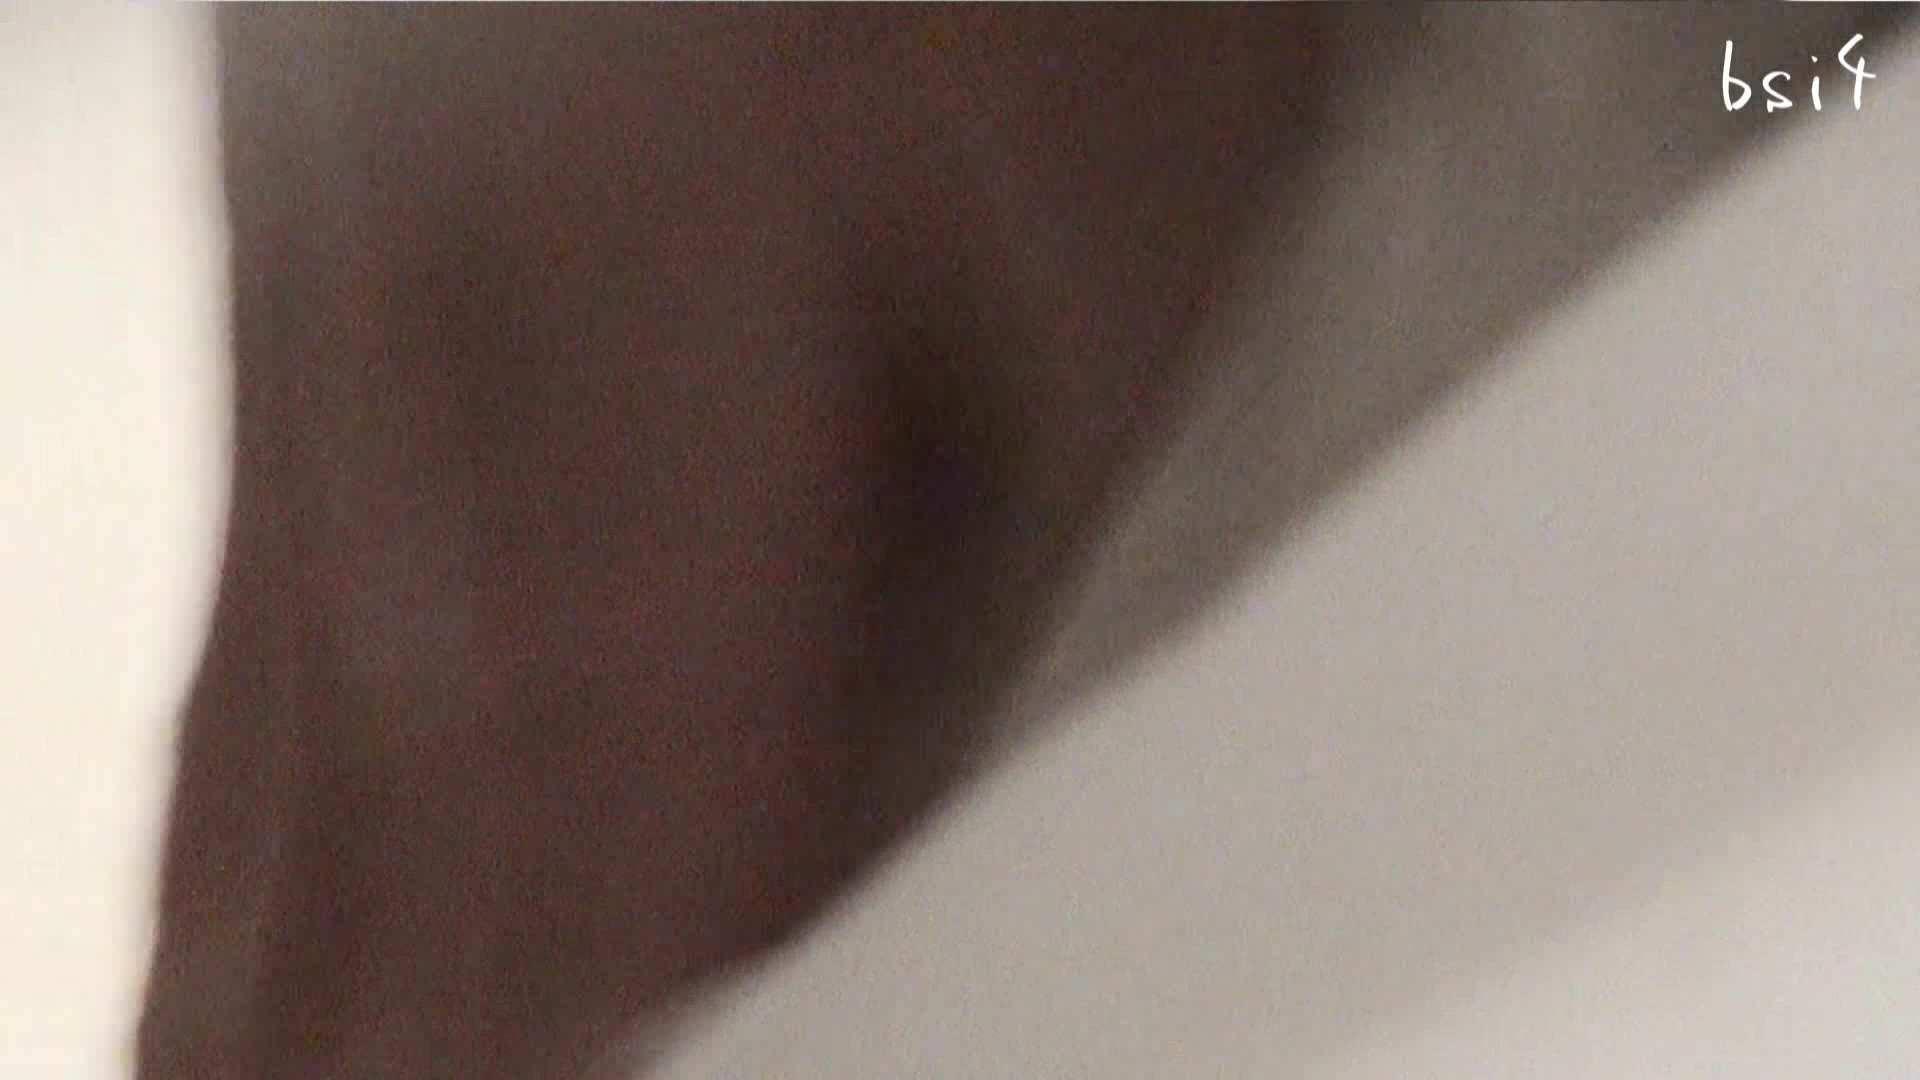 至高下半身盗撮-PREMIUM-【院内病棟編 】 vol.04 盗撮特集 | エロティックなOL  58画像 45